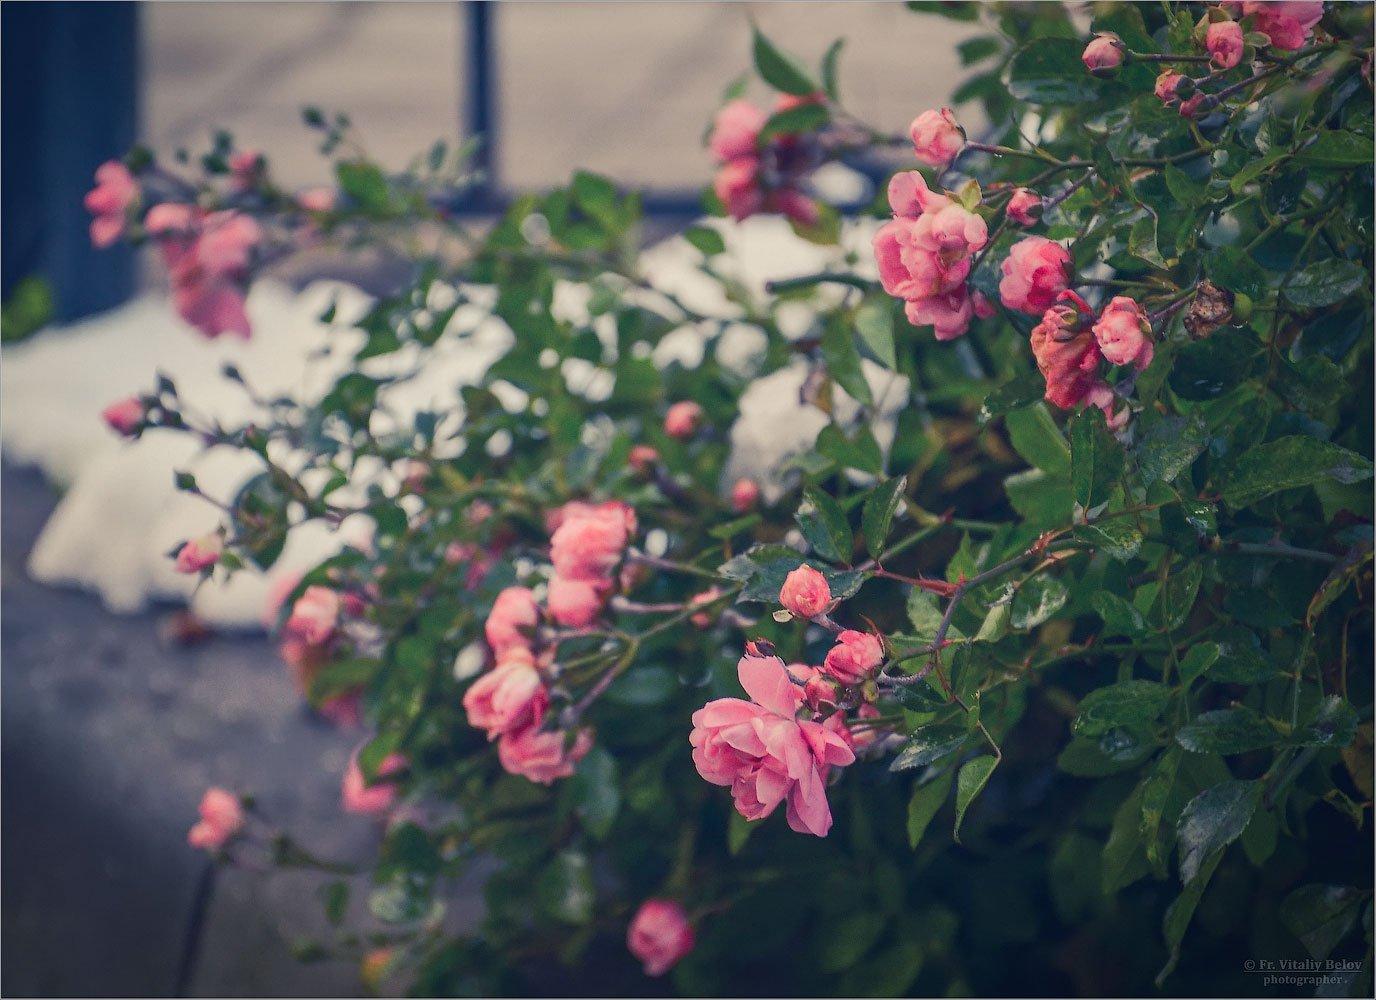 С ПРАЗДНИКОМ АРХИСТРАТИГА БОЖИЯ МИХАИЛА И ПРОЧИХ НЕБЕСНЫХ СИЛ БЕЗПЛОТНЫХ!!!! Розы в ноябре (снимок сделан 2 ноября 2012 г.)